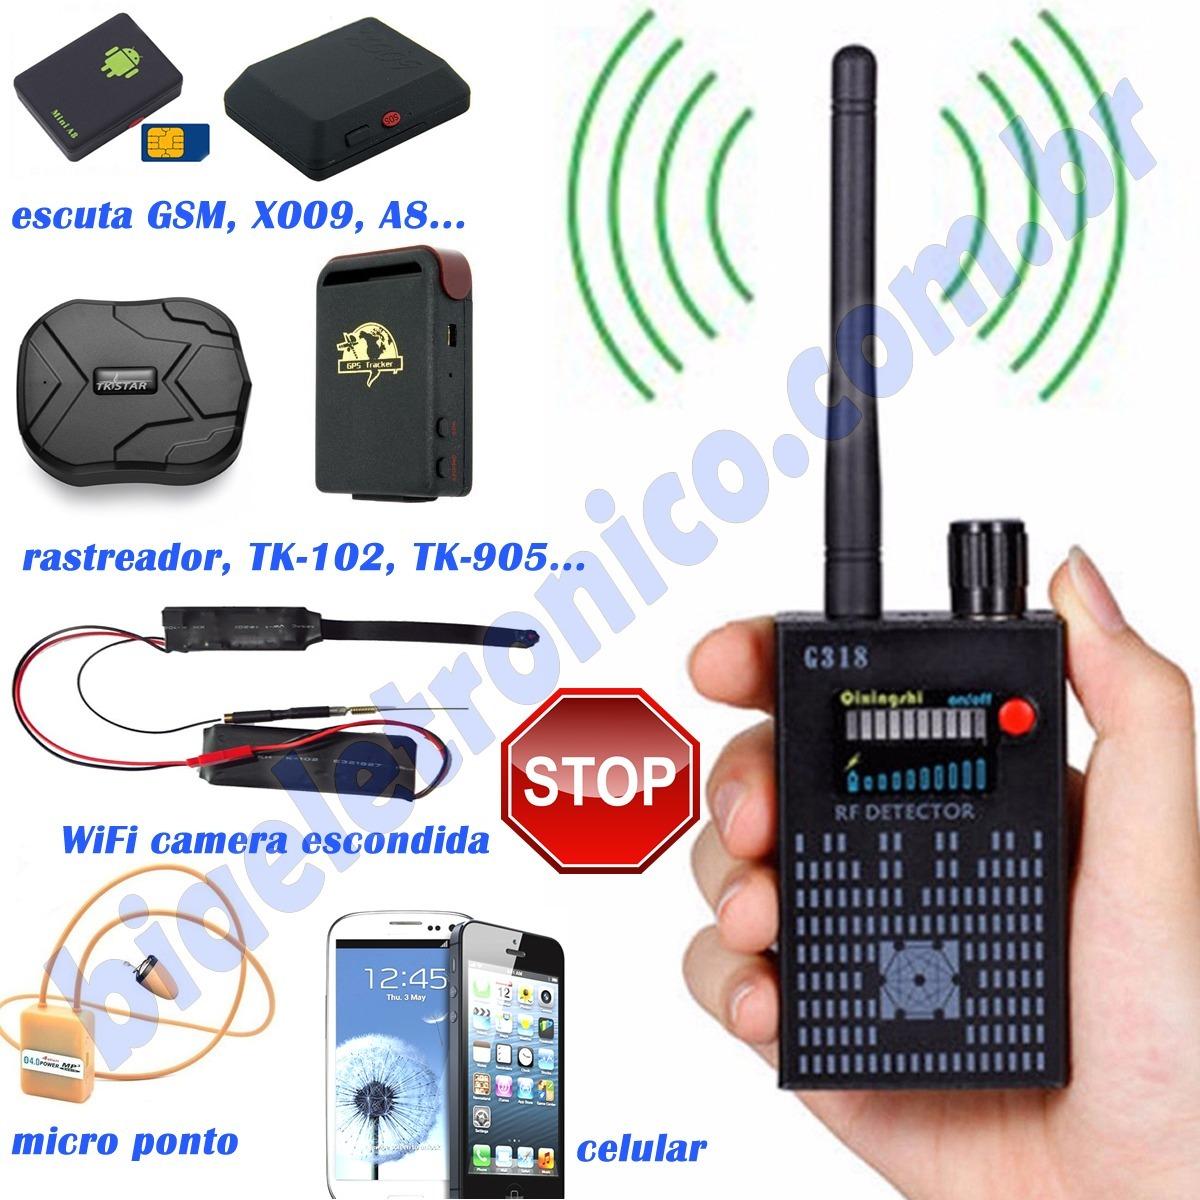 rastreador de celular way